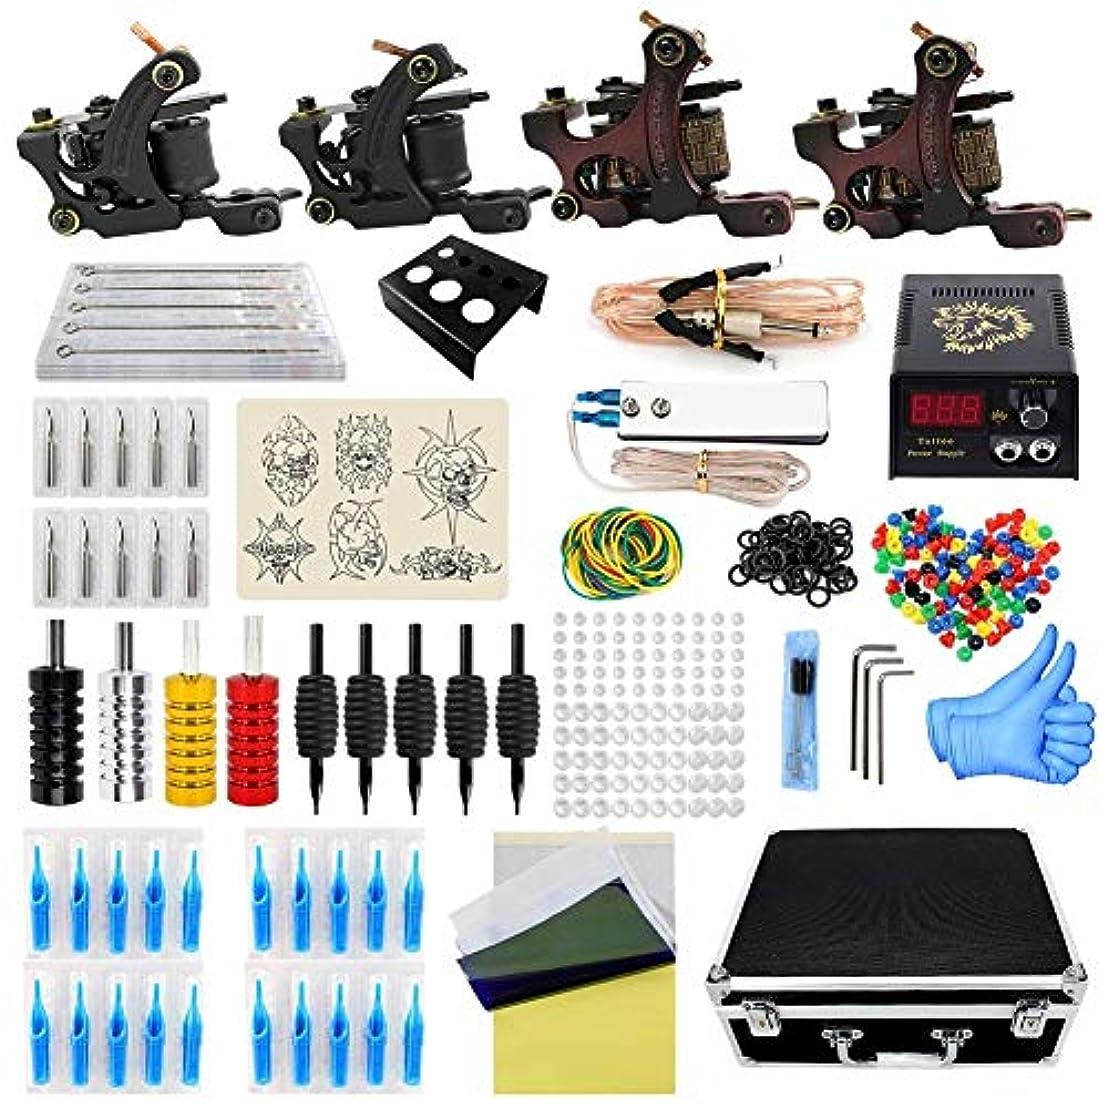 後方ジャニス二年生タトゥーマシンメイクアップキットタトゥーマシンセットツールバッグ4プロマシンガン電源グリップアーティストタトゥー用品